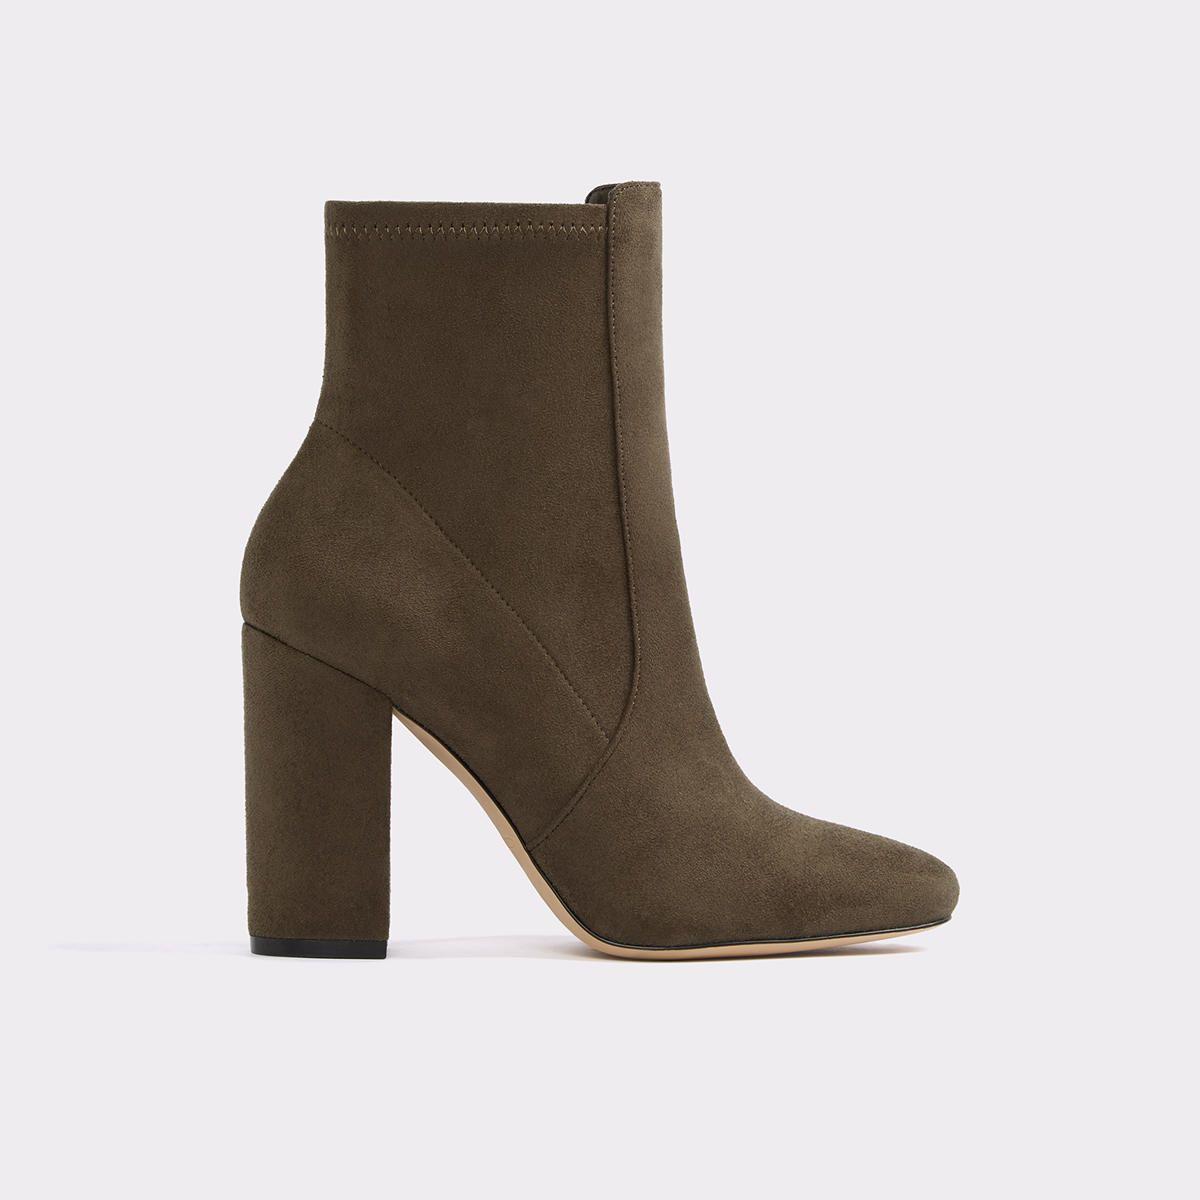 Aurella Khaki Women's Ankle boots   ALDO US